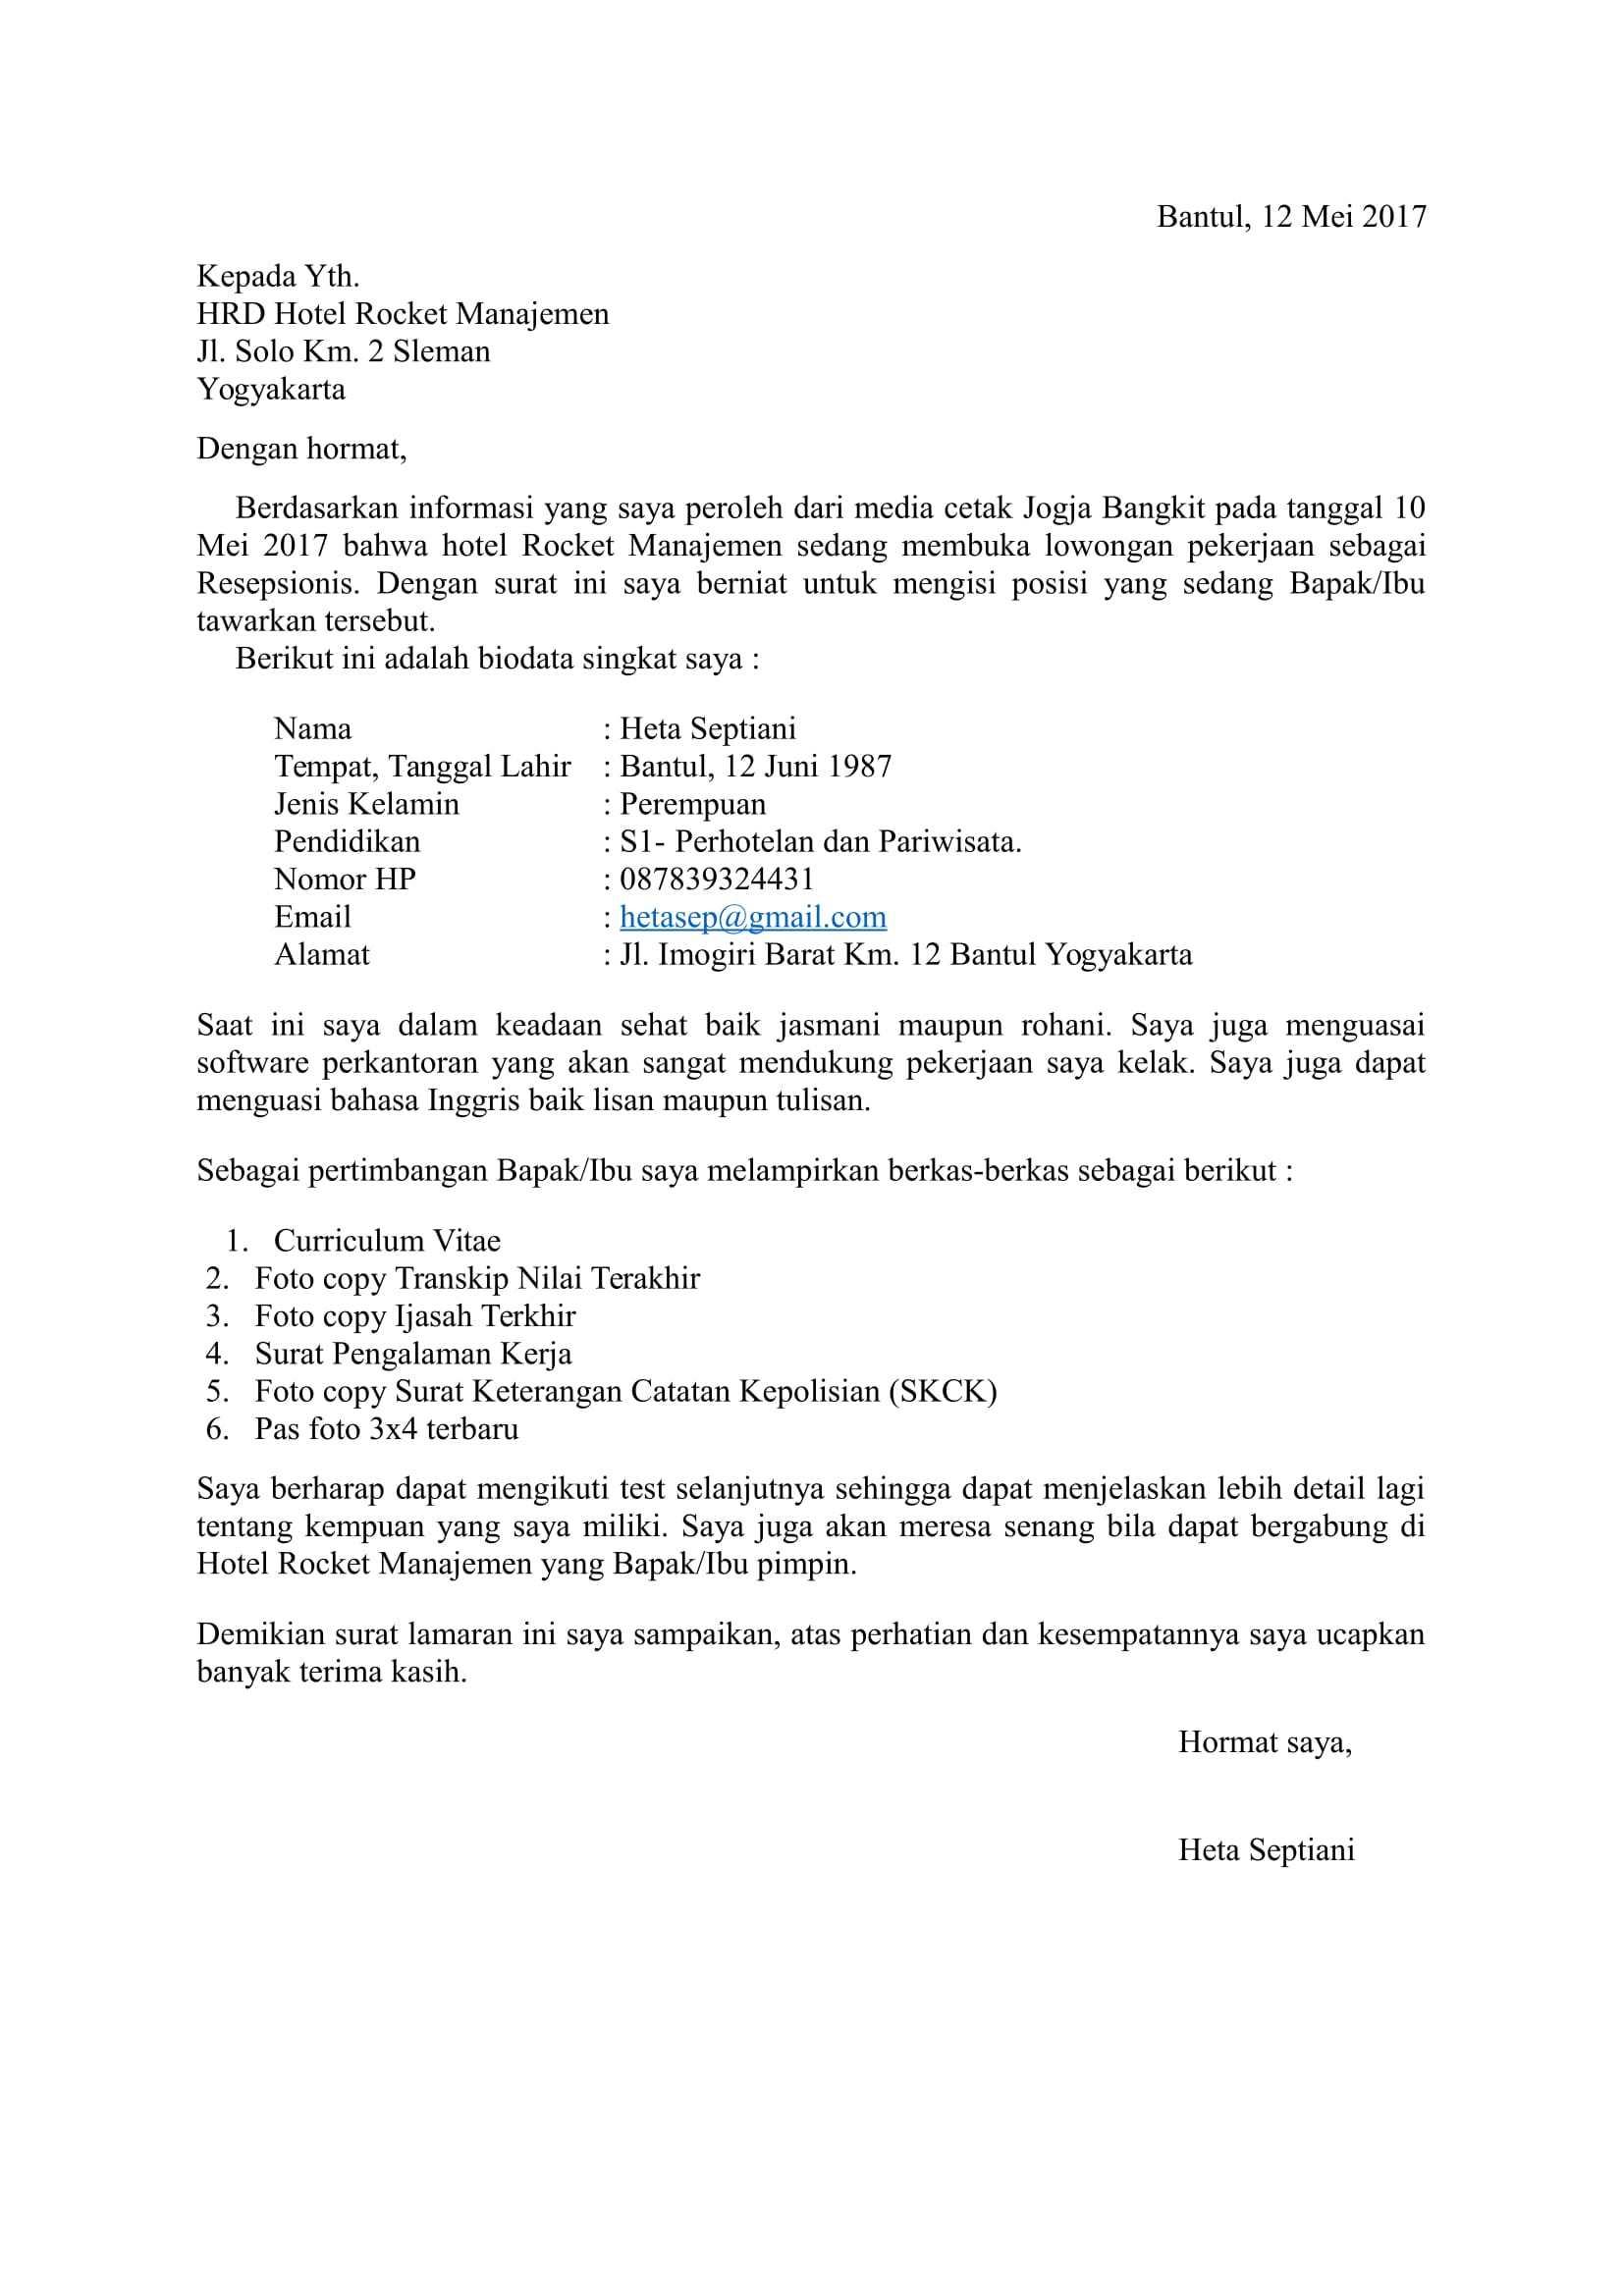 Surat Lamaran Semi Block Style